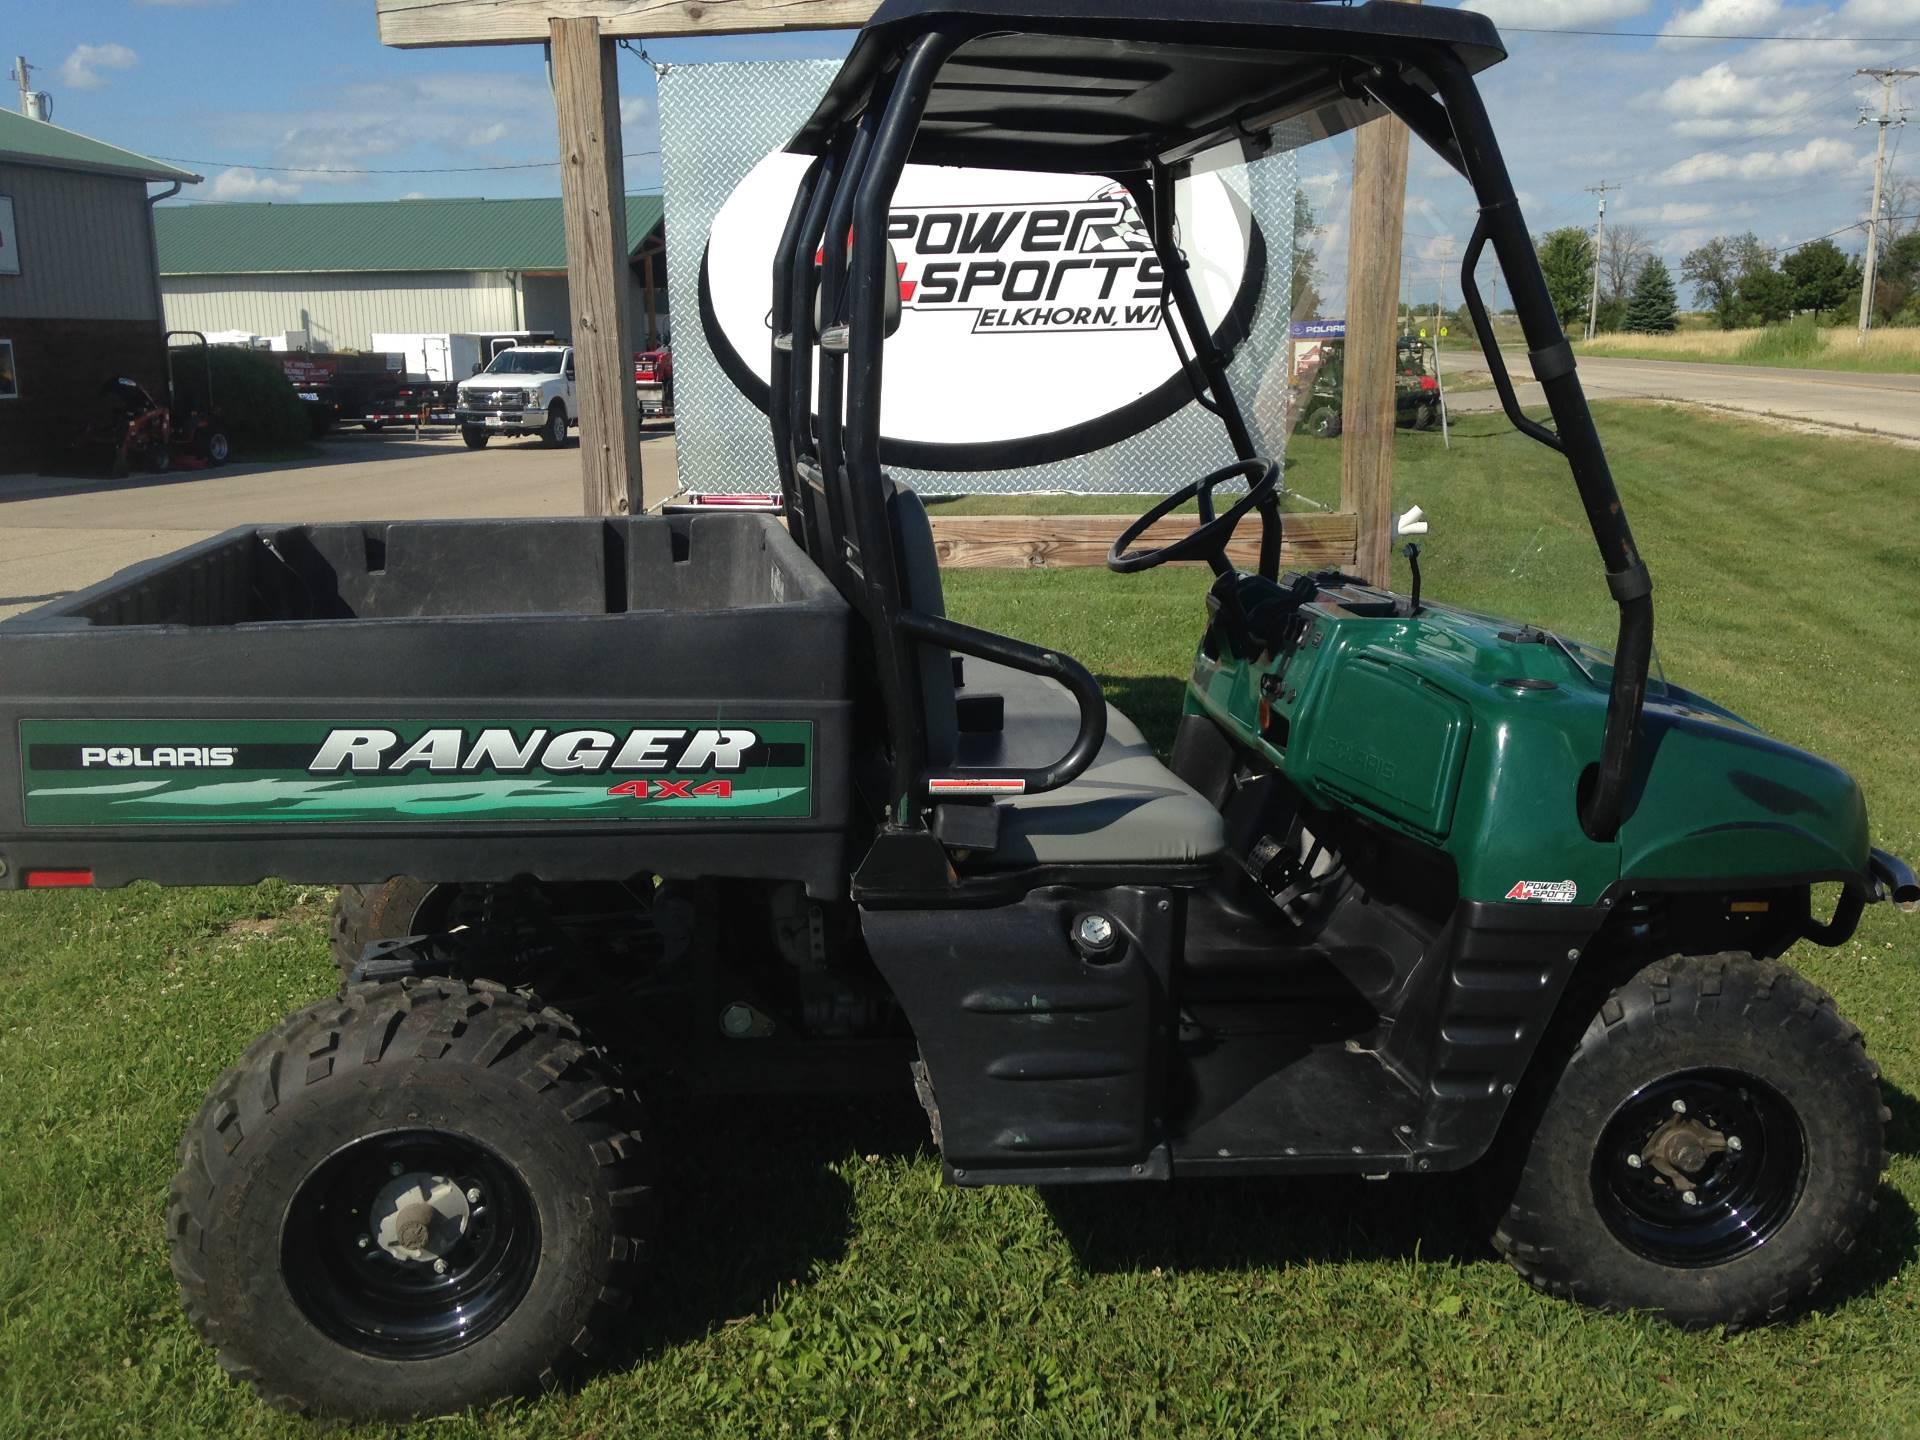 2003 500 RANGER